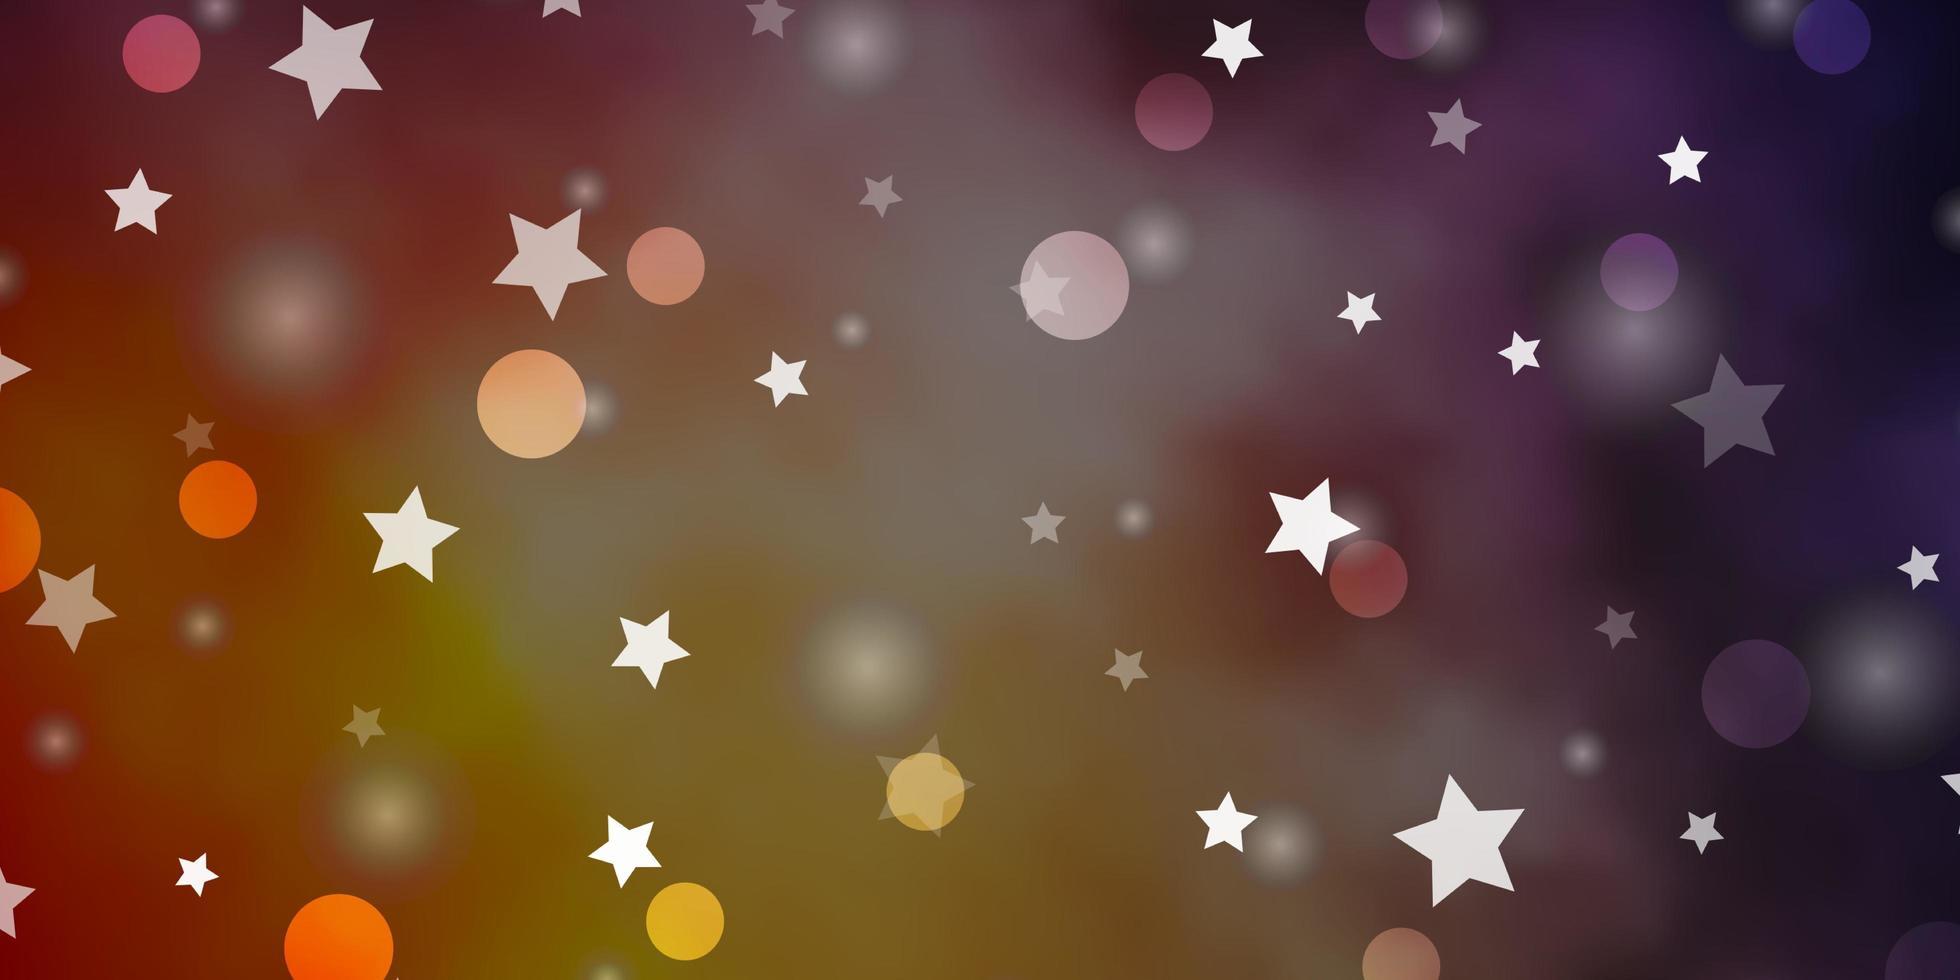 röd, gul konsistens med cirklar, stjärnor. vektor